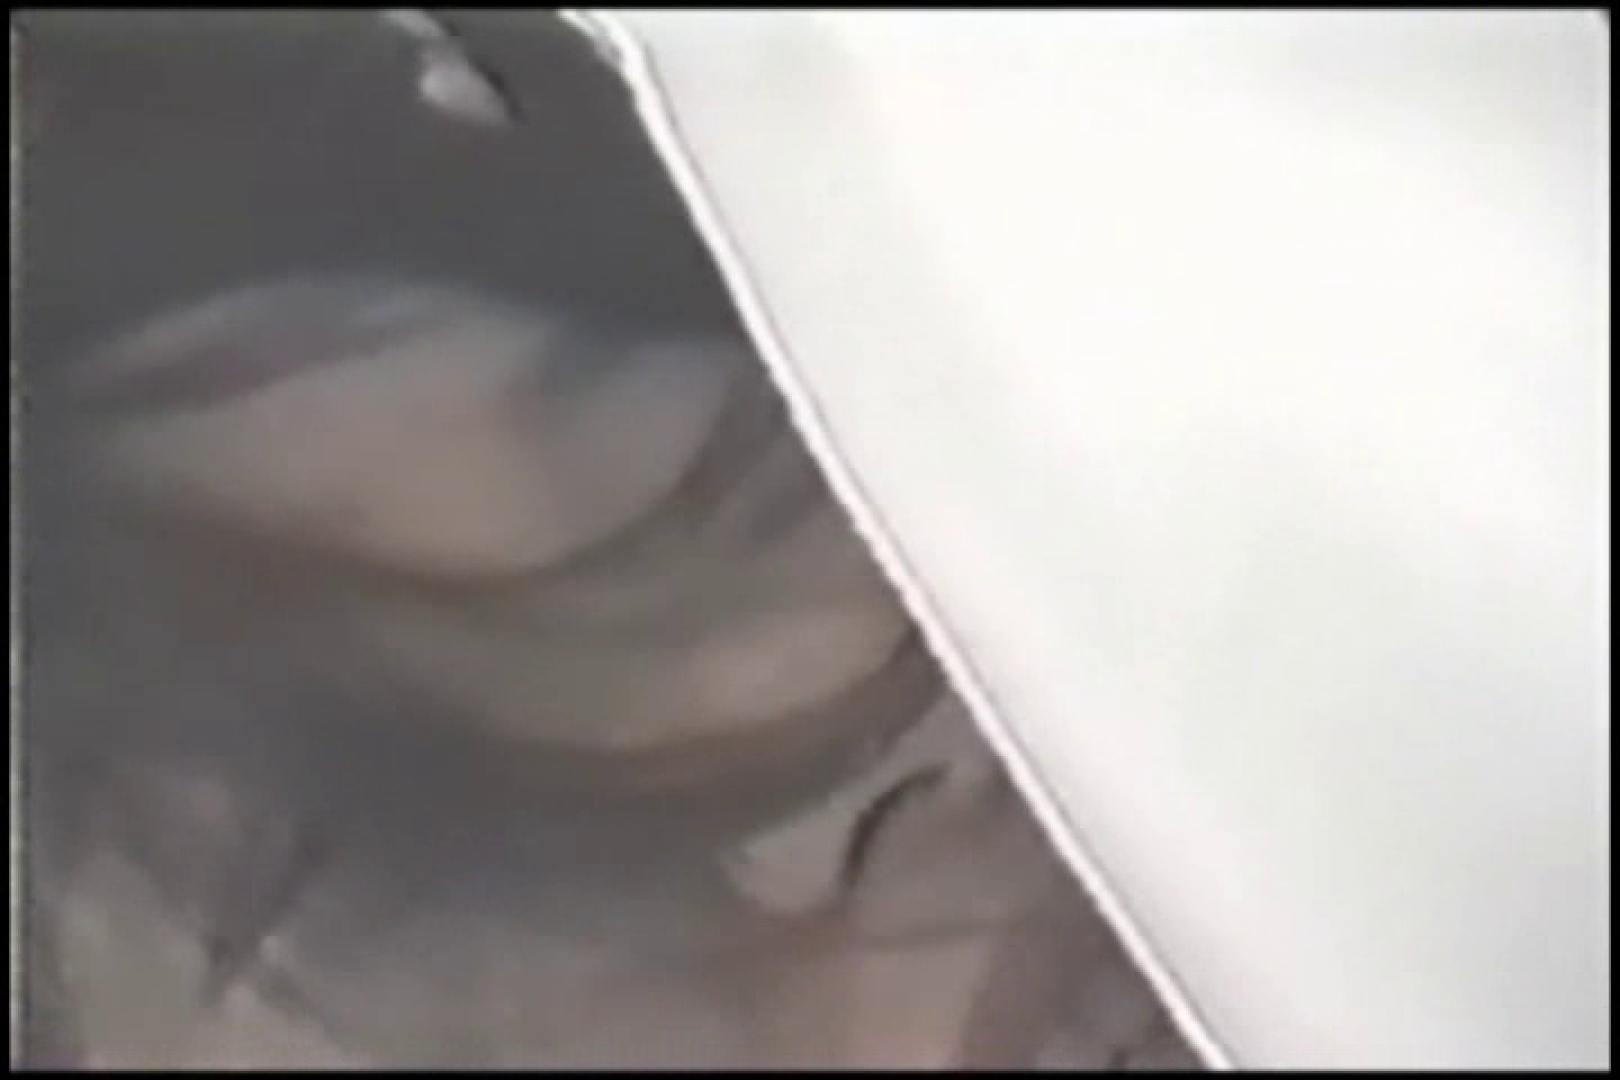 前後不覚に酔っている女を撮影する鬼畜親父 ホテル | 一般投稿  75画像 52